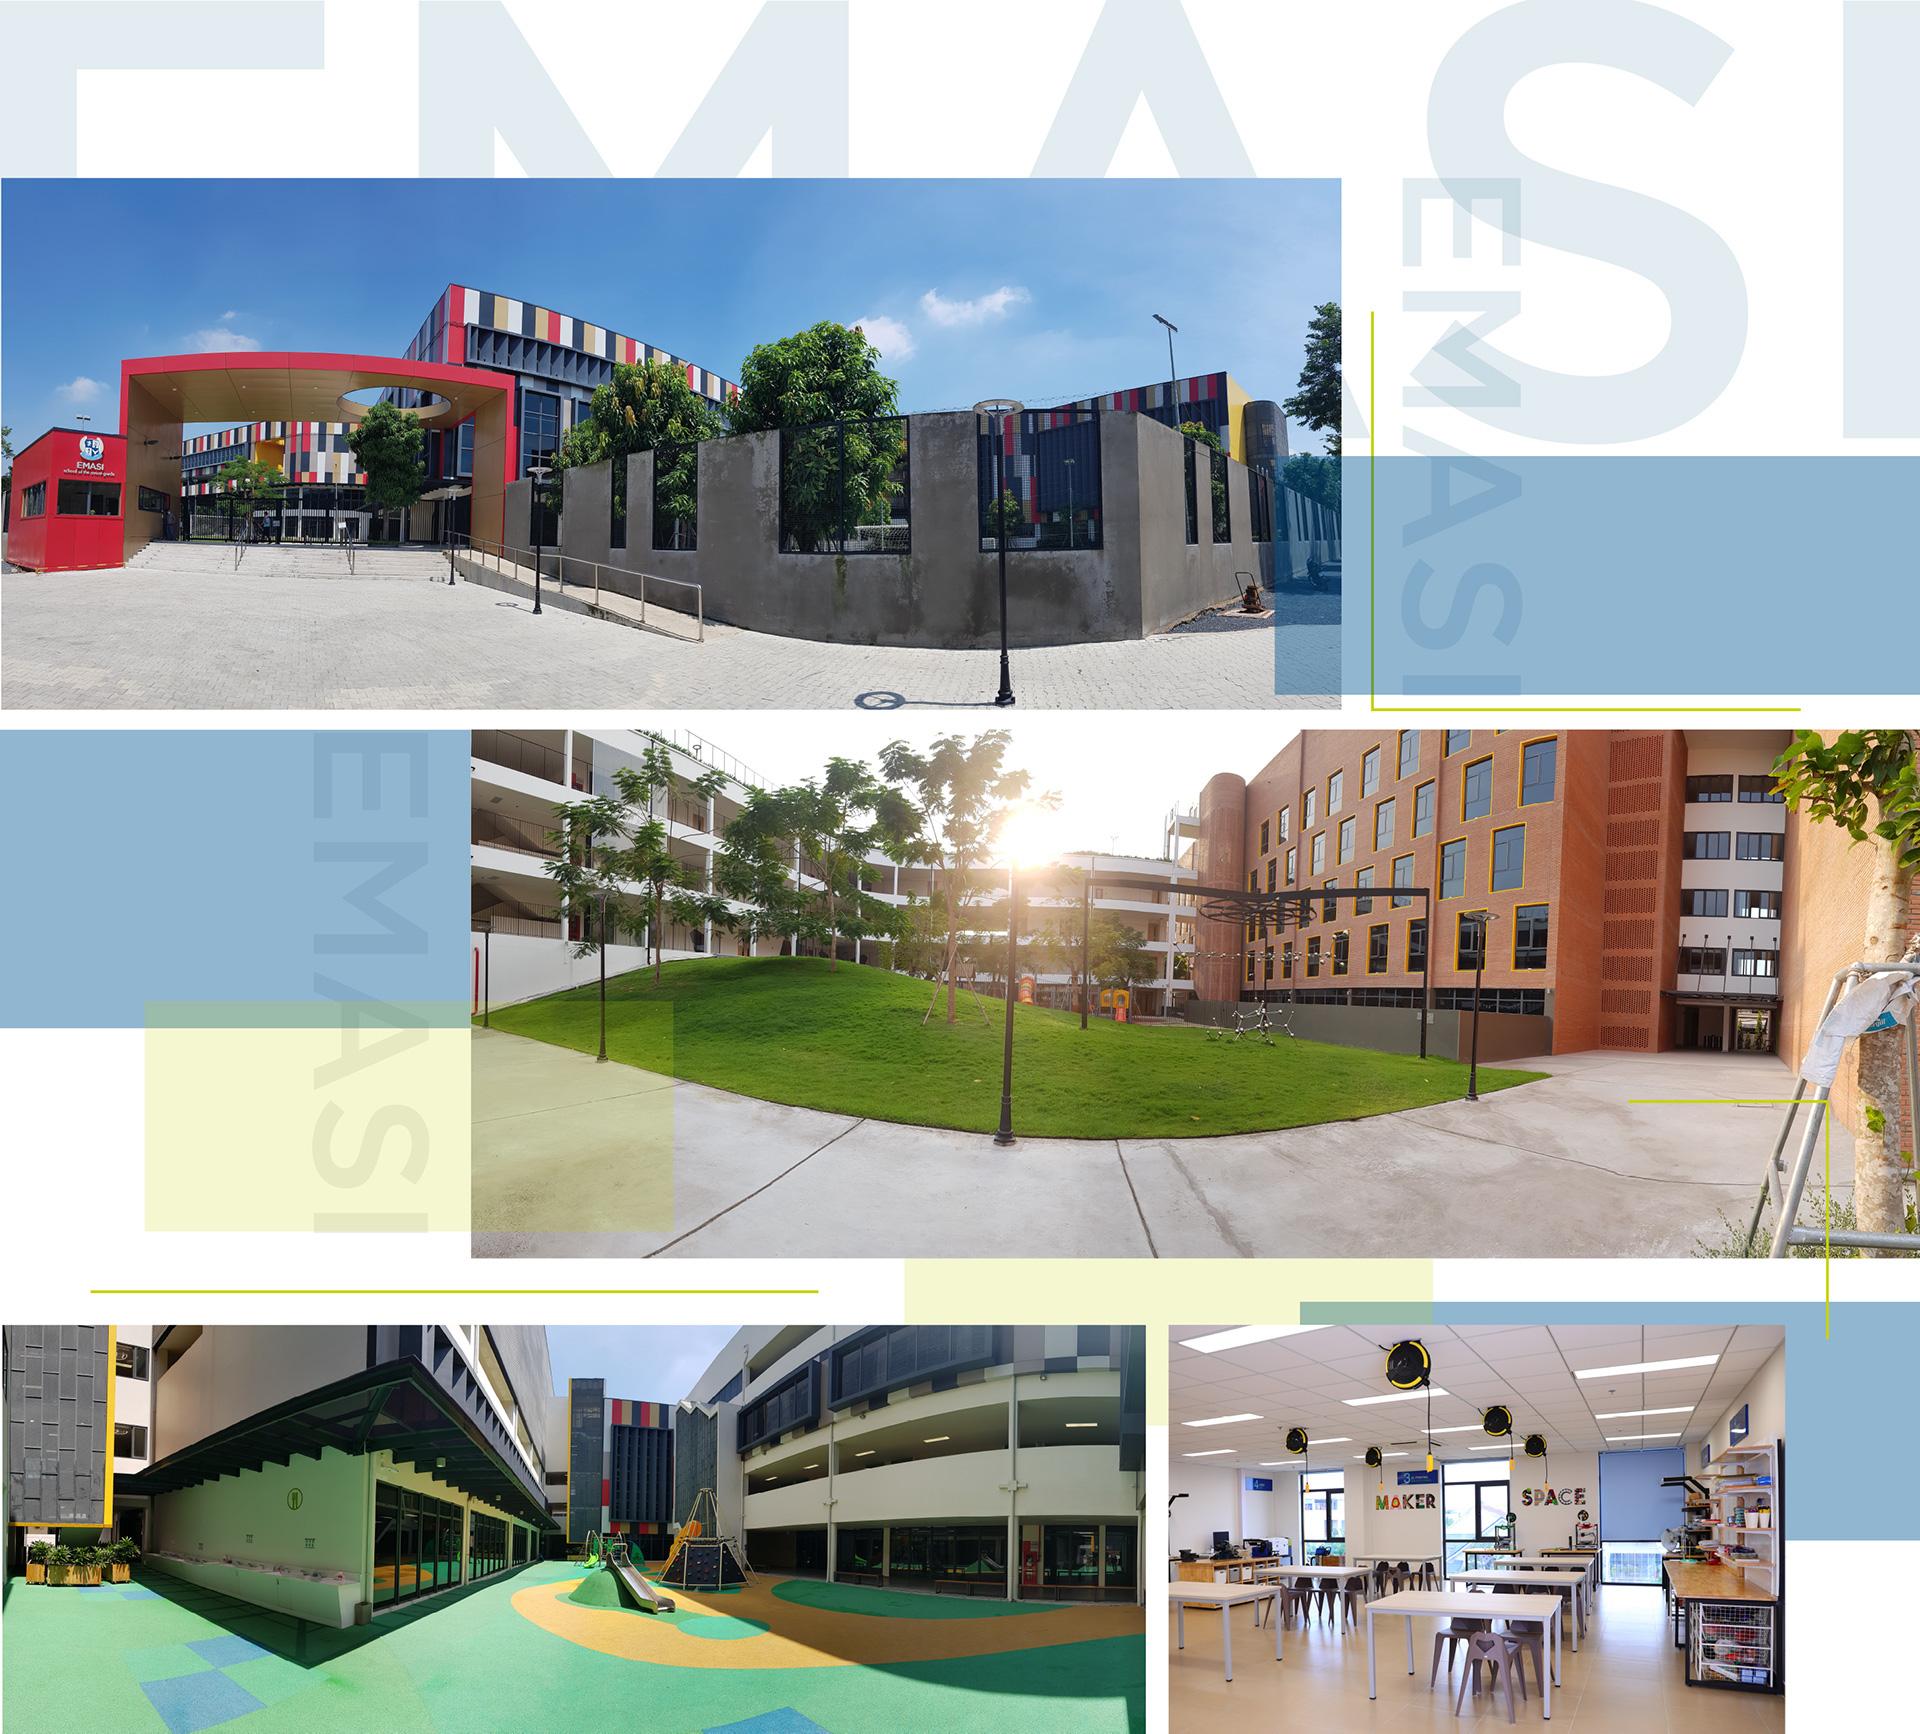 Hiểu về giáo dục: Nền tảng để xây dựng trường học - Ảnh 3.